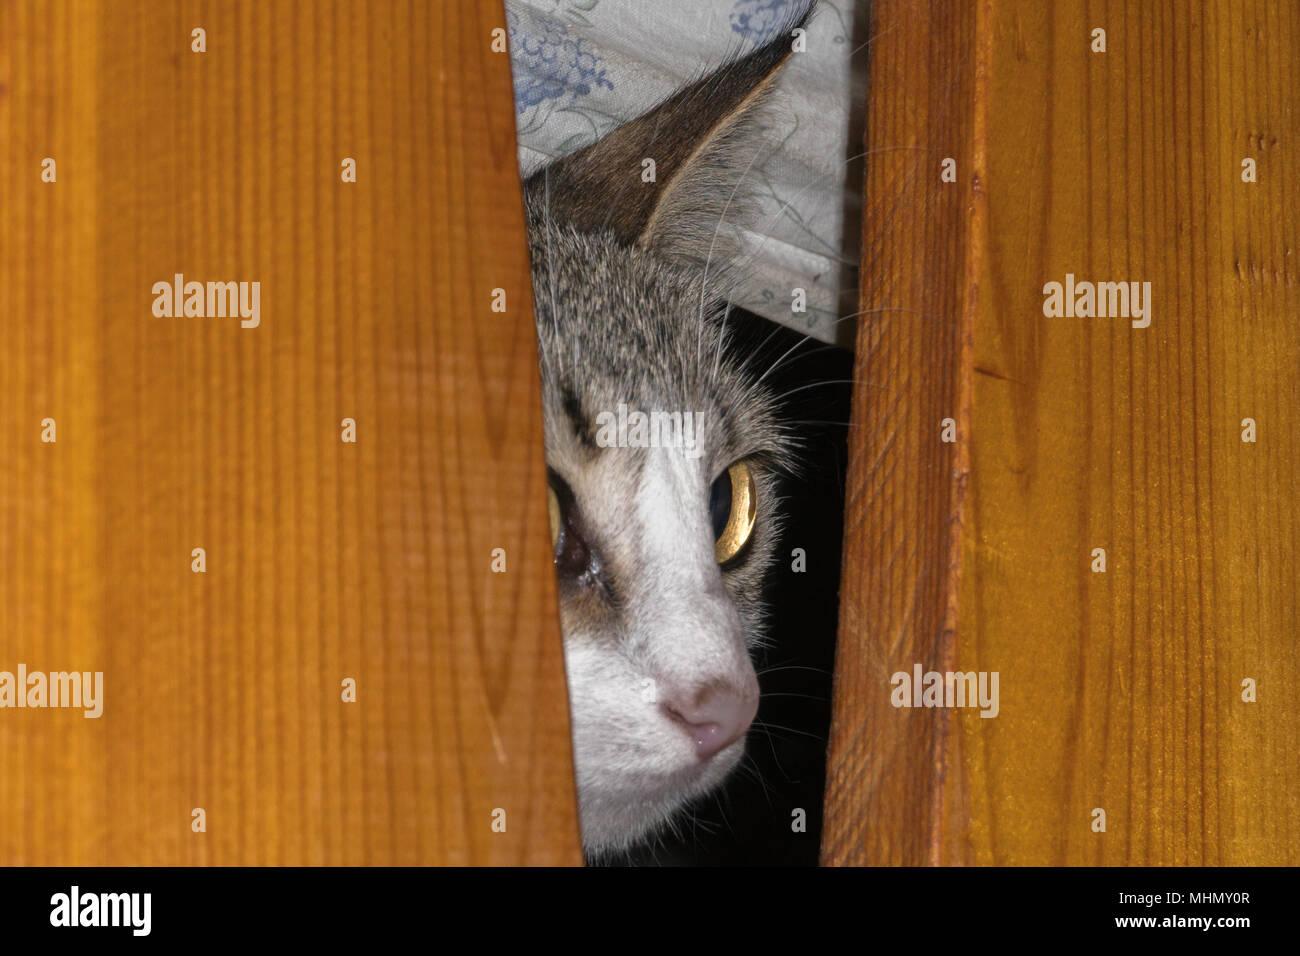 Neugierige Katze Unter Dem Bett Verstecken Und Suchen Sie Lustig